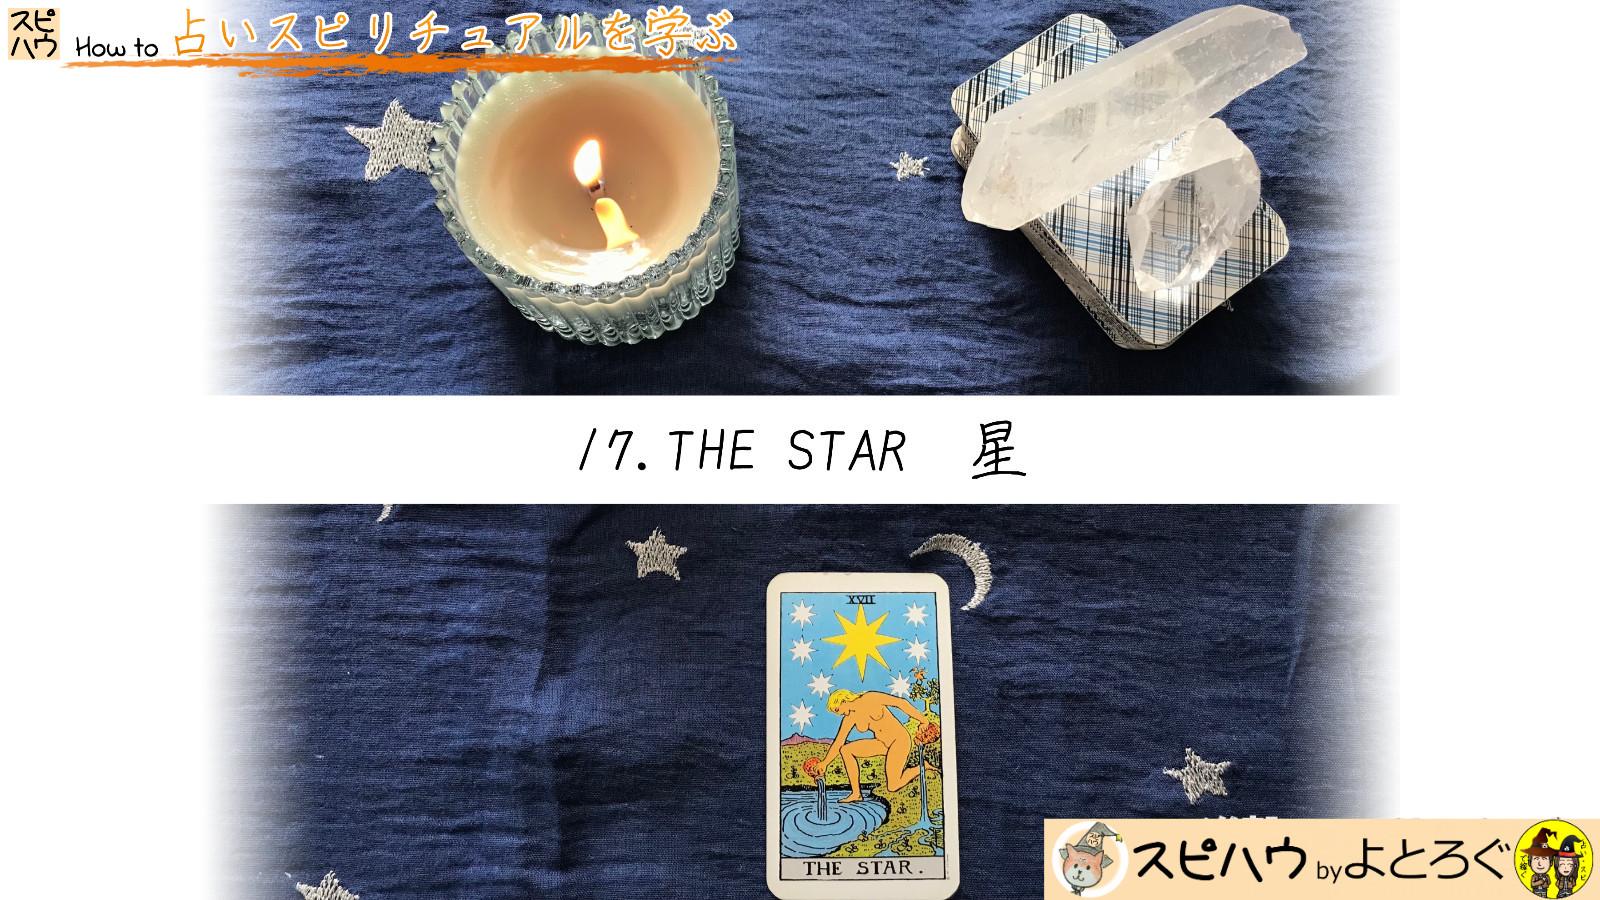 全てを失った後に差し込む希望の光 17.星 THE STARのカード画像